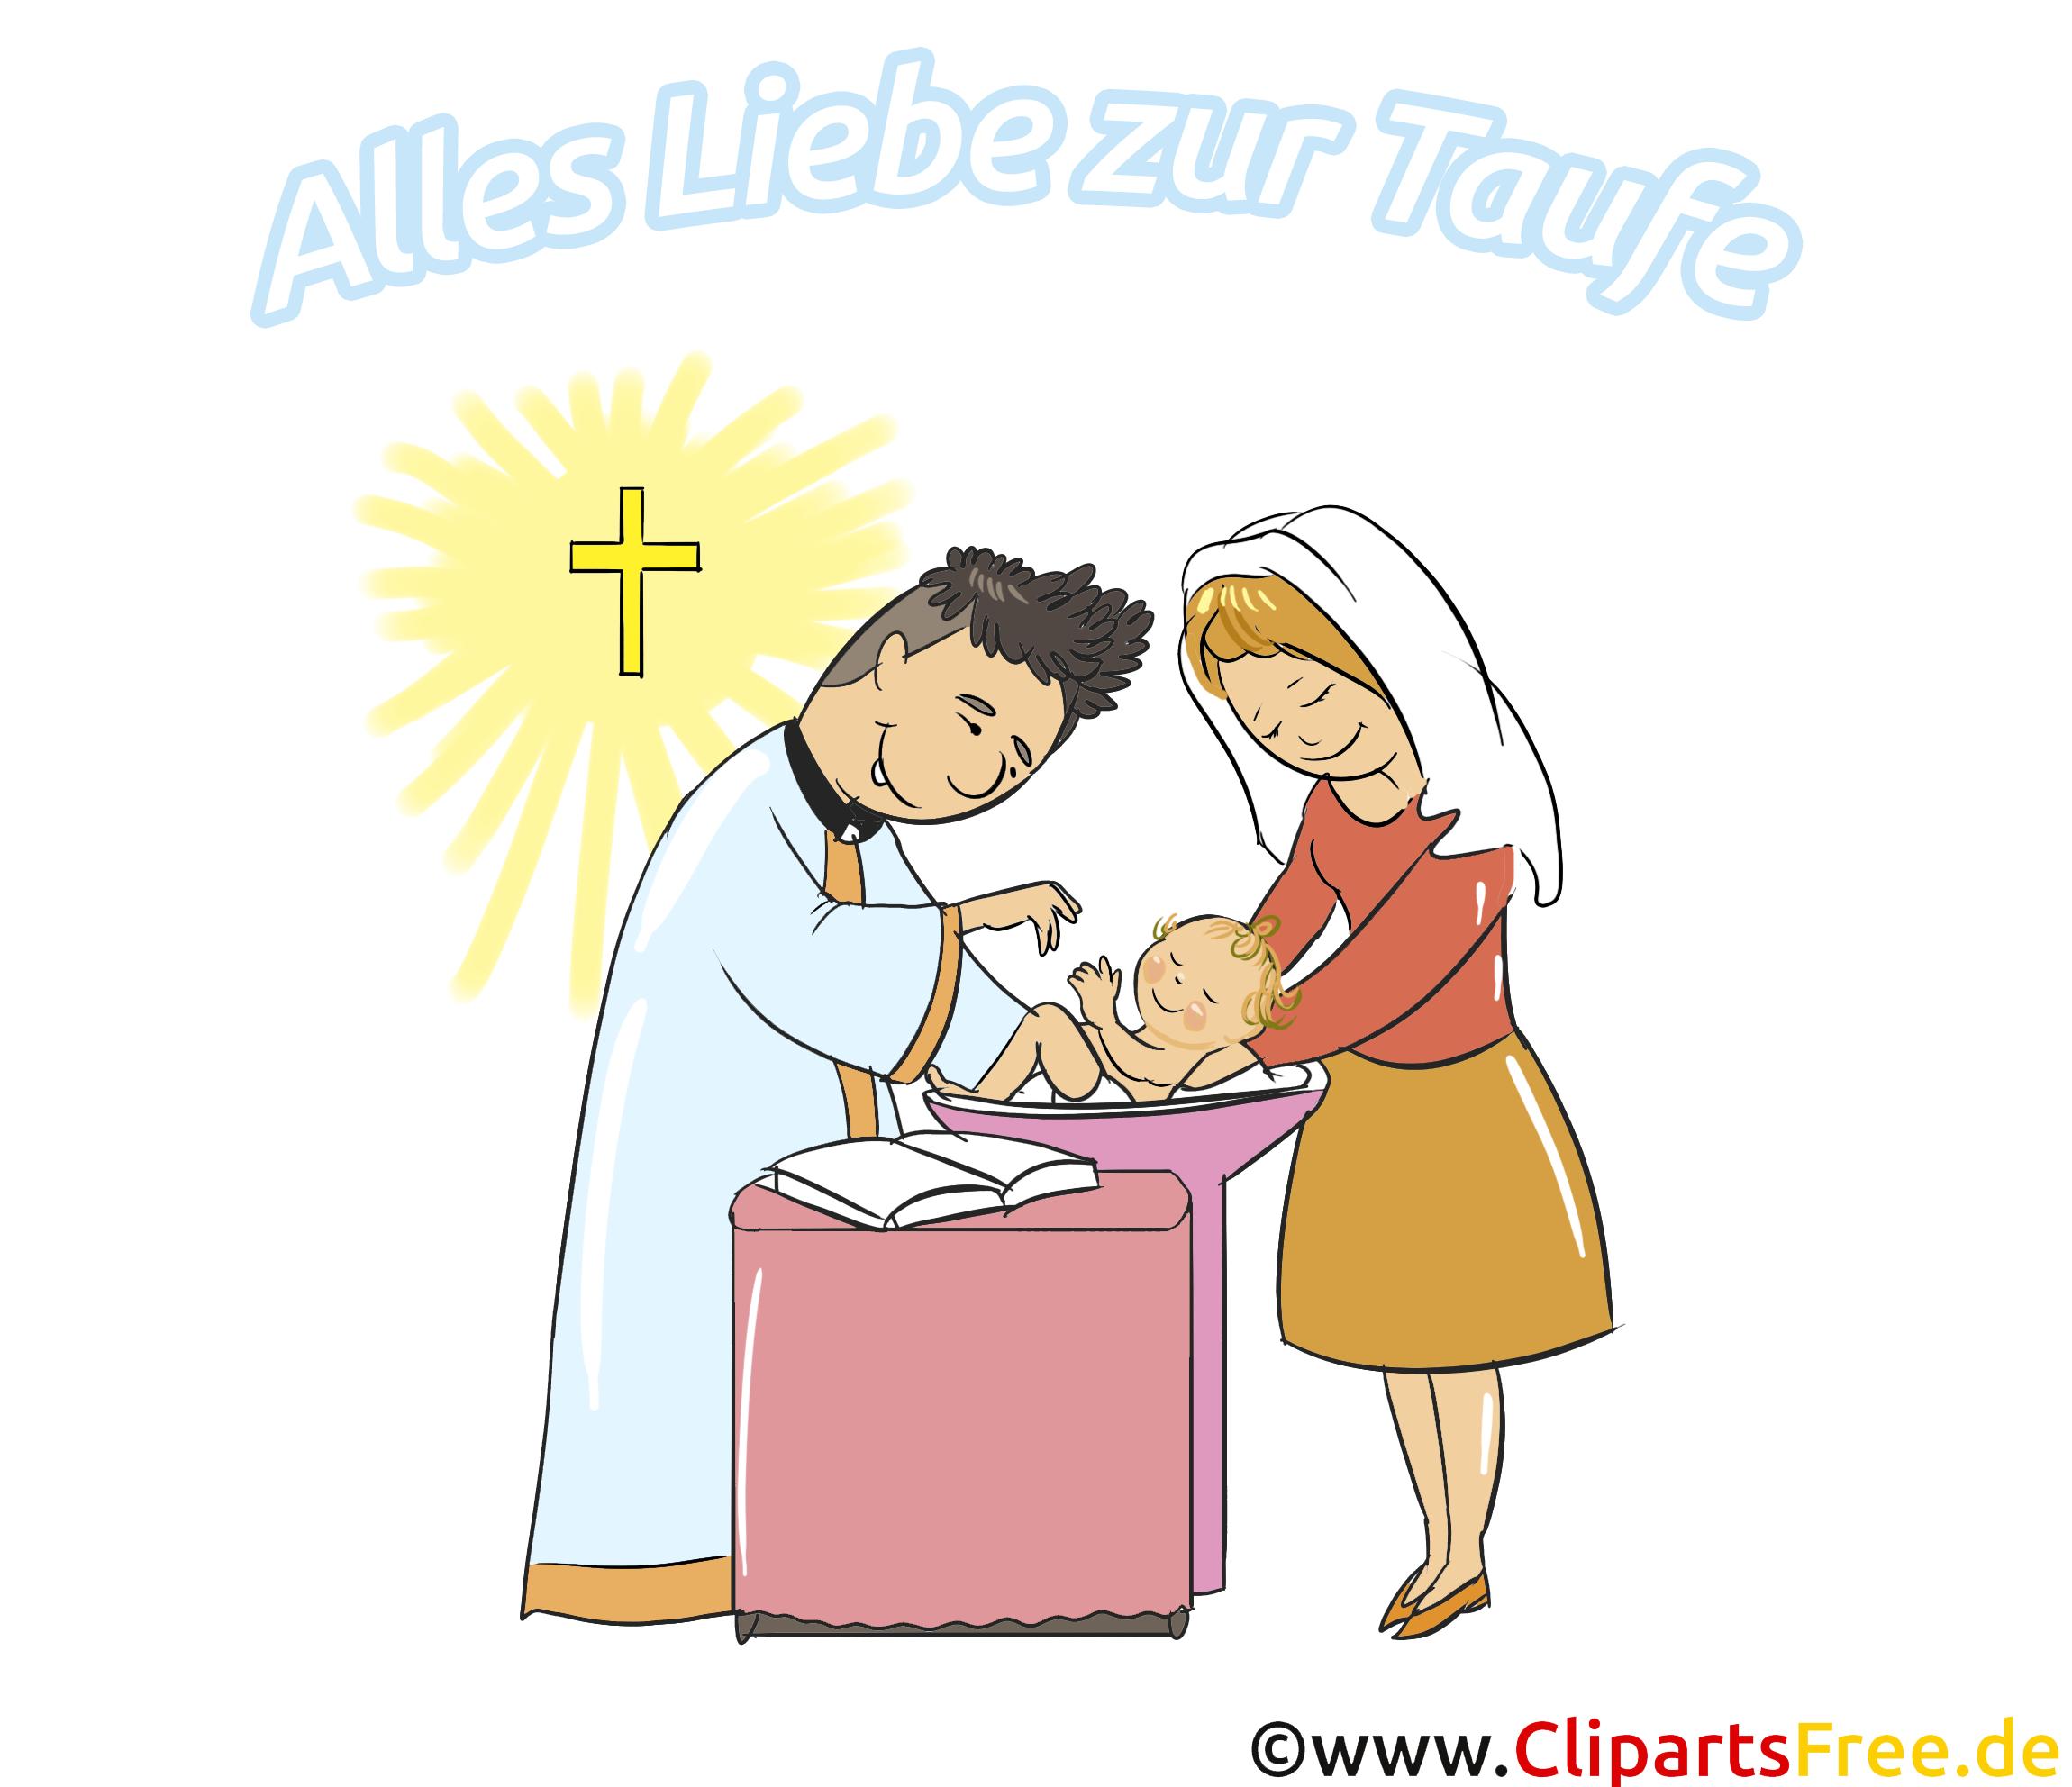 Taufe Bilder, Cliparts, Cartoons, Grafiken, Illustrationen, Gifs,  Einladungs · Einladung Zur Taufe Vorlagen Kostenlos ...